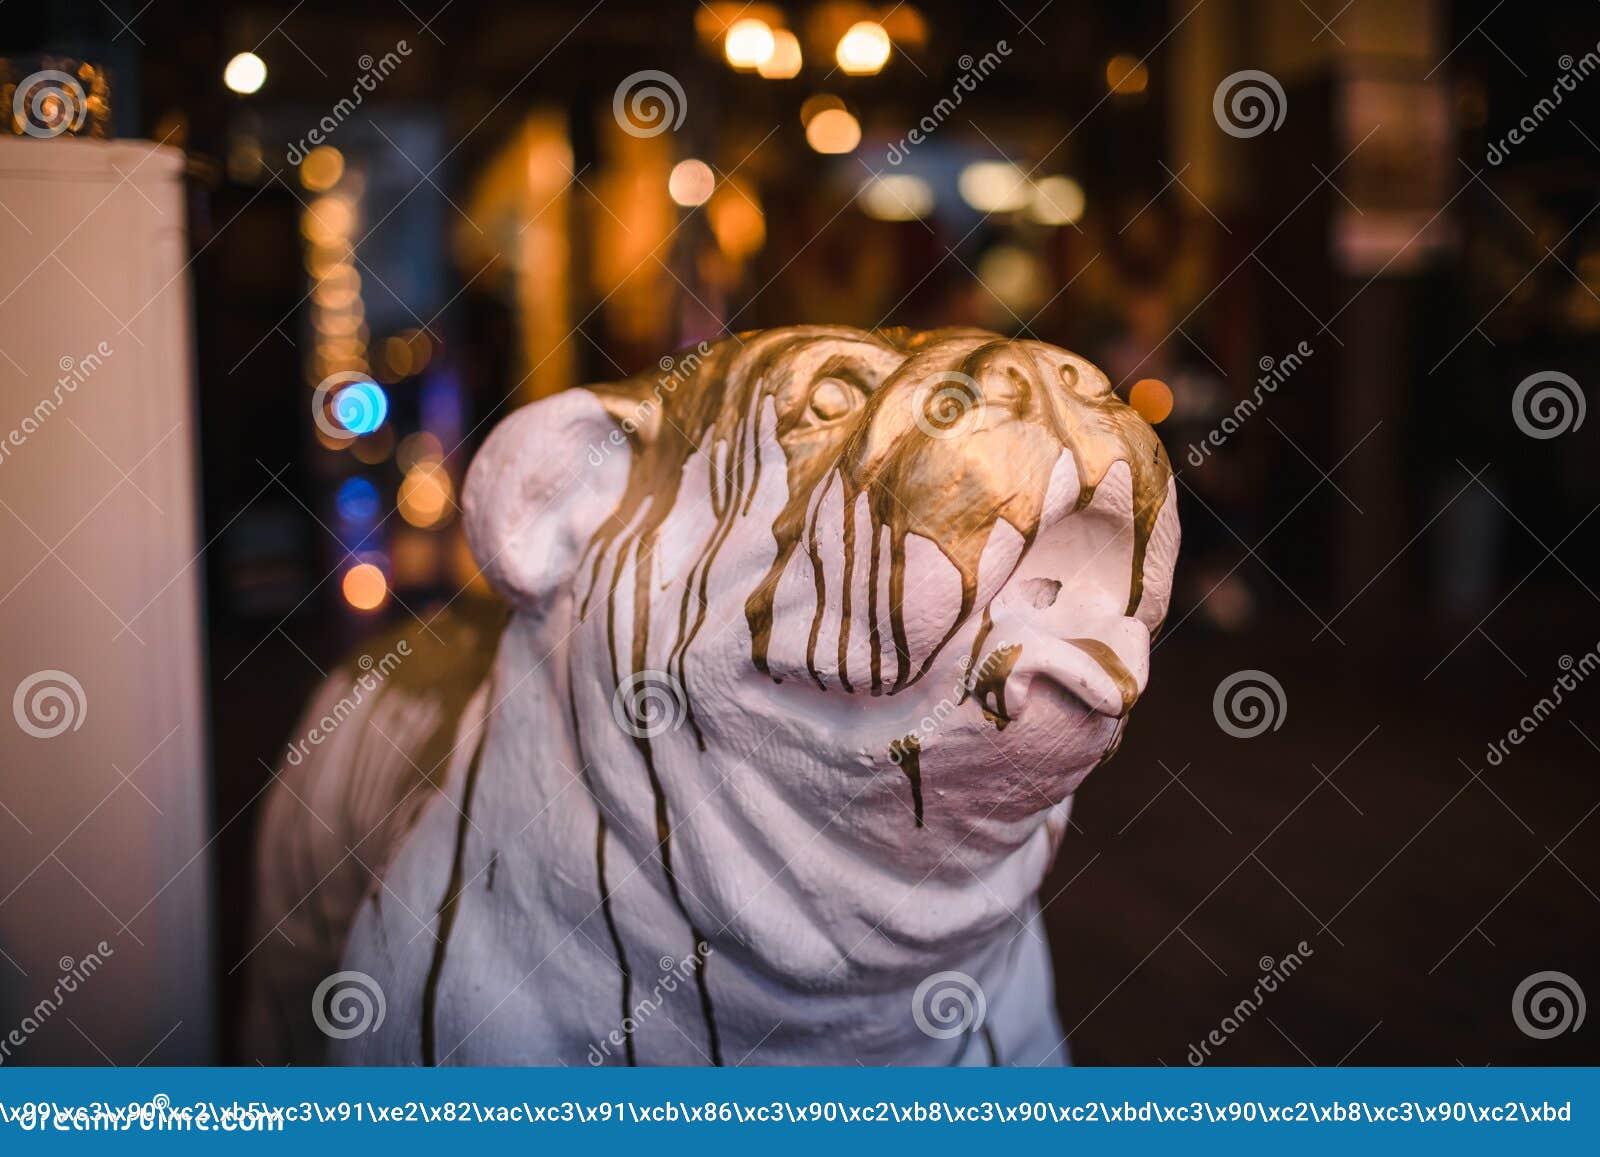 Tête d un chien en céramique mignon tête de chien de figure, plâtre matériel, trempé en or